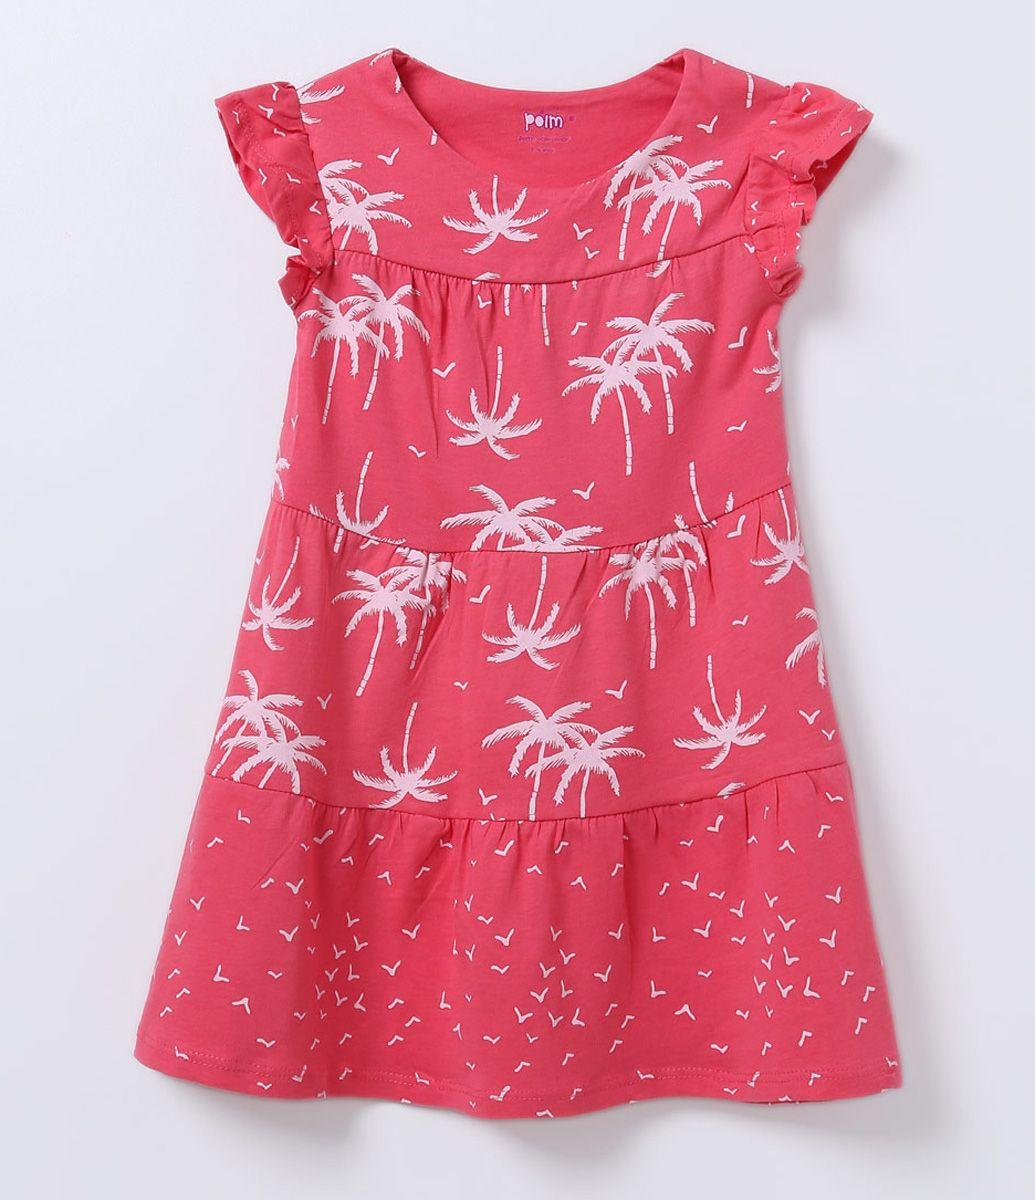 f573940ee74 Vestido Infantil Marias - Tam 1 a 4 anos - Lojas Renner